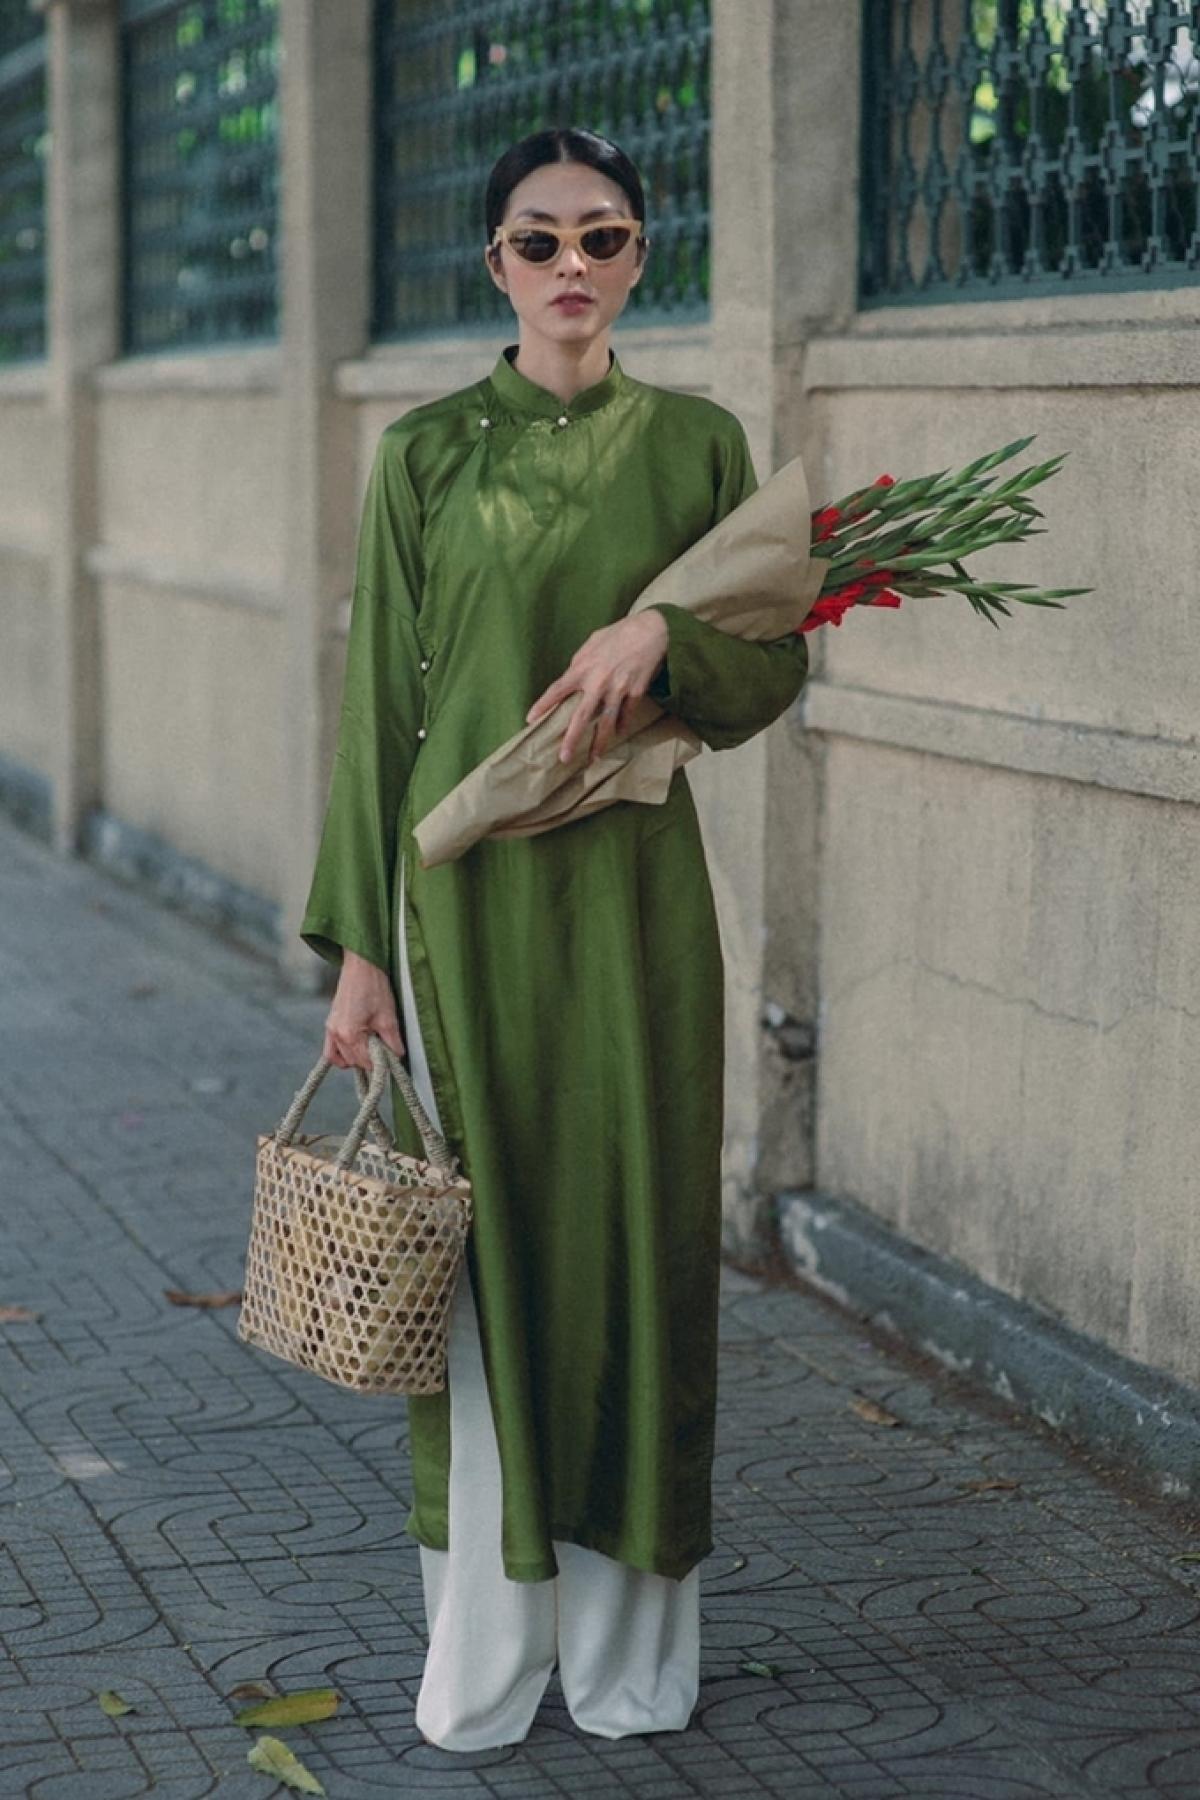 Cô chọn mẫu áo có ngọc trai làm nút đính. Áo do Vũ Việt Hà thiết kế, phom dáng đặc trưng của áo dài thập niên 1930, làm từ lụa tơ tằm./.